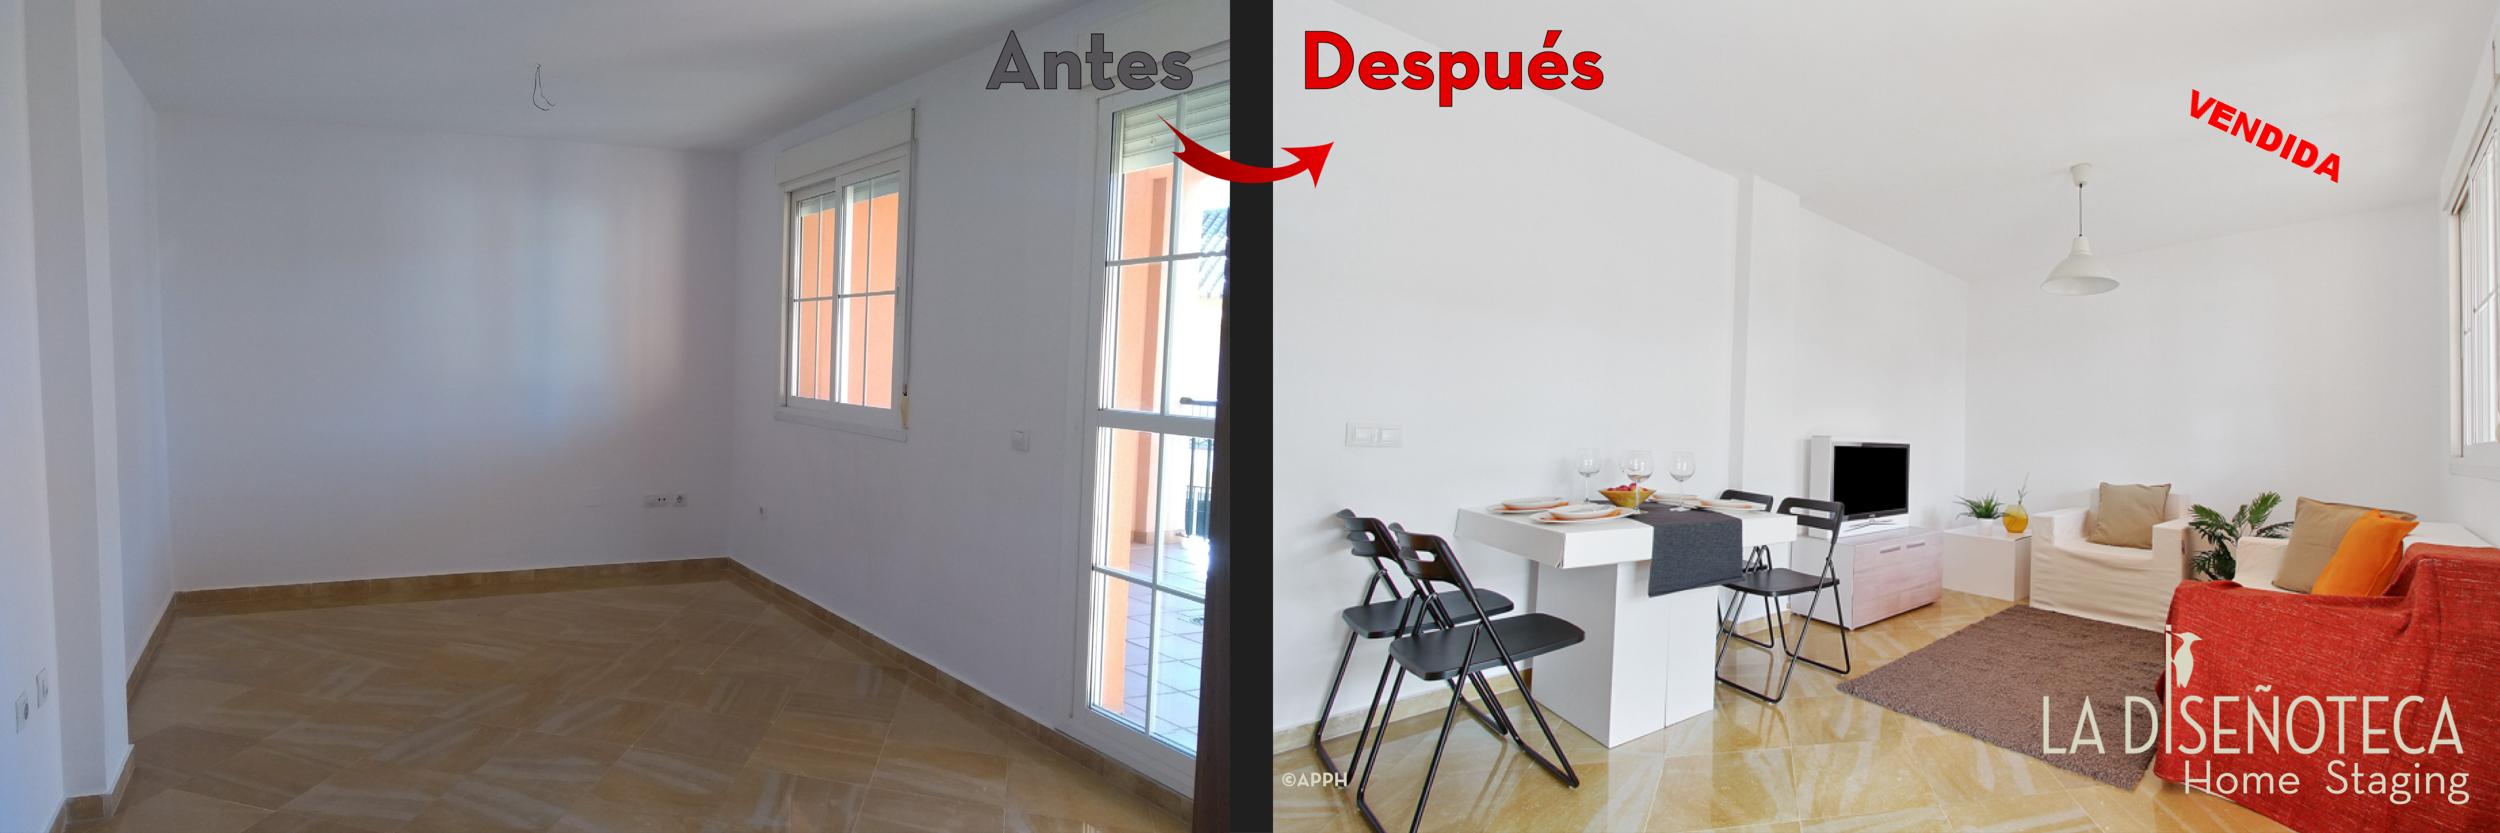 AntesyDespues Hacienda_1.png